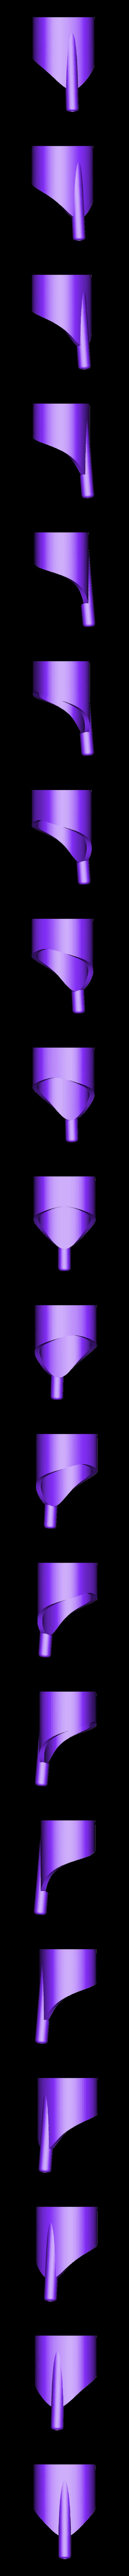 thimble3_part_1.stl Télécharger fichier STL gratuit Kara Kesh (arme de poing goa'uld) • Plan pour imprimante 3D, poblocki1982